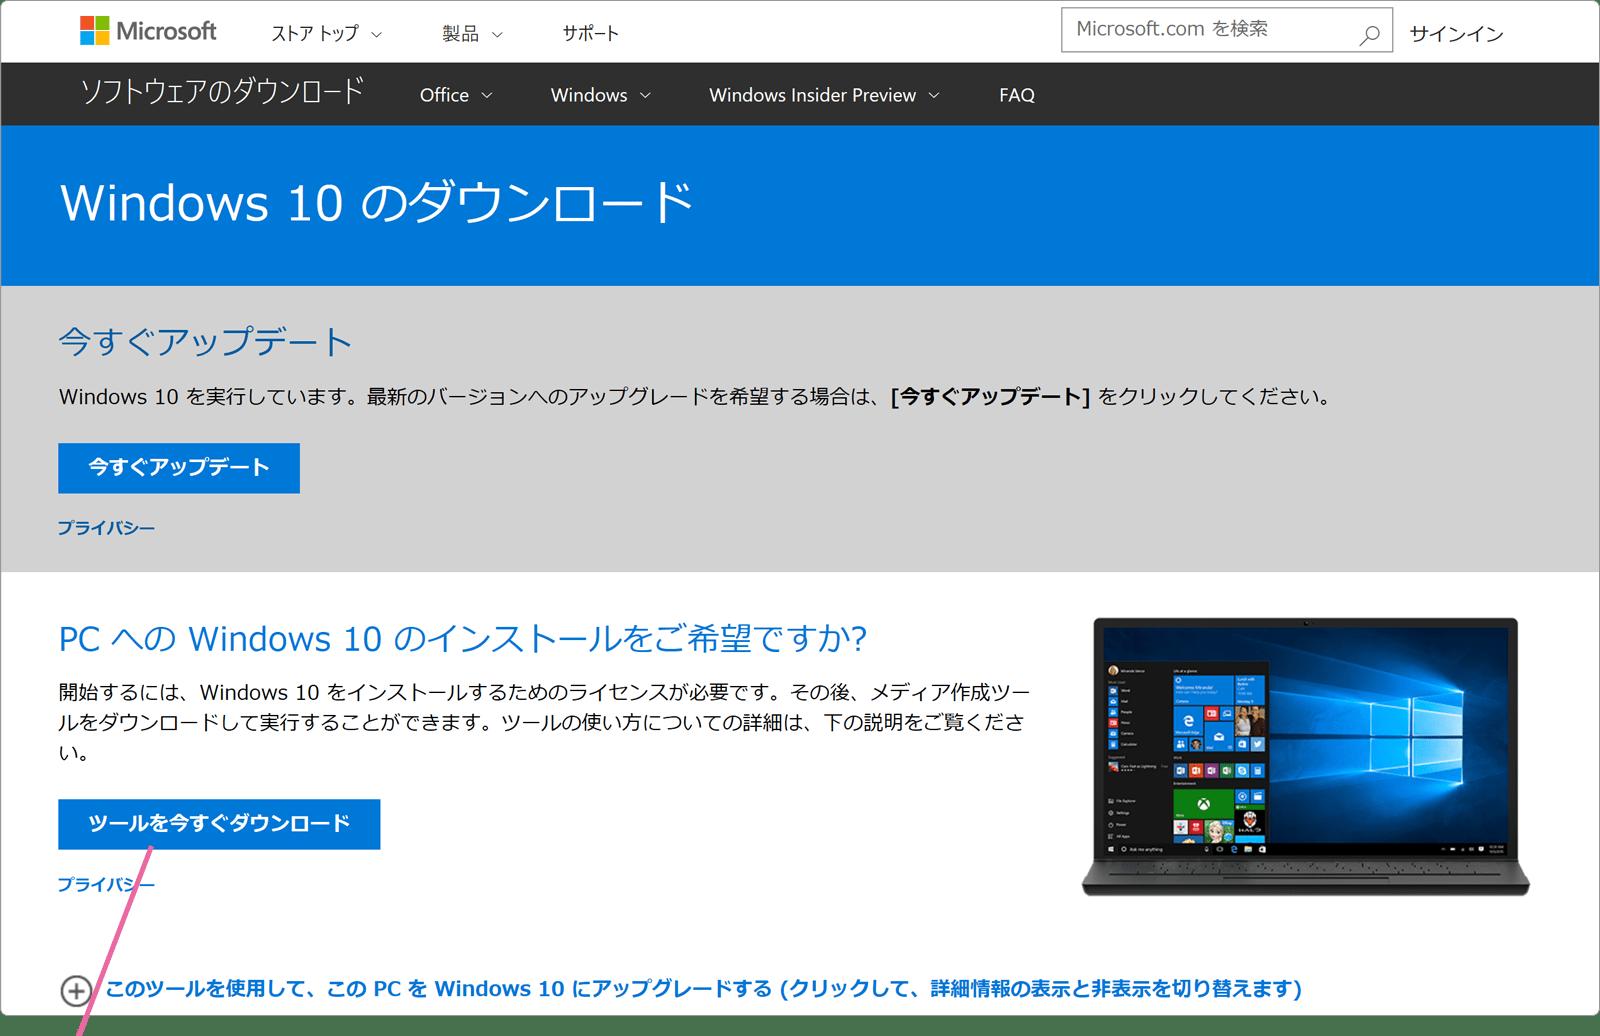 Dism exeで「ソースファイルが見つかりませんでした」エラー | Windows10 FAQ